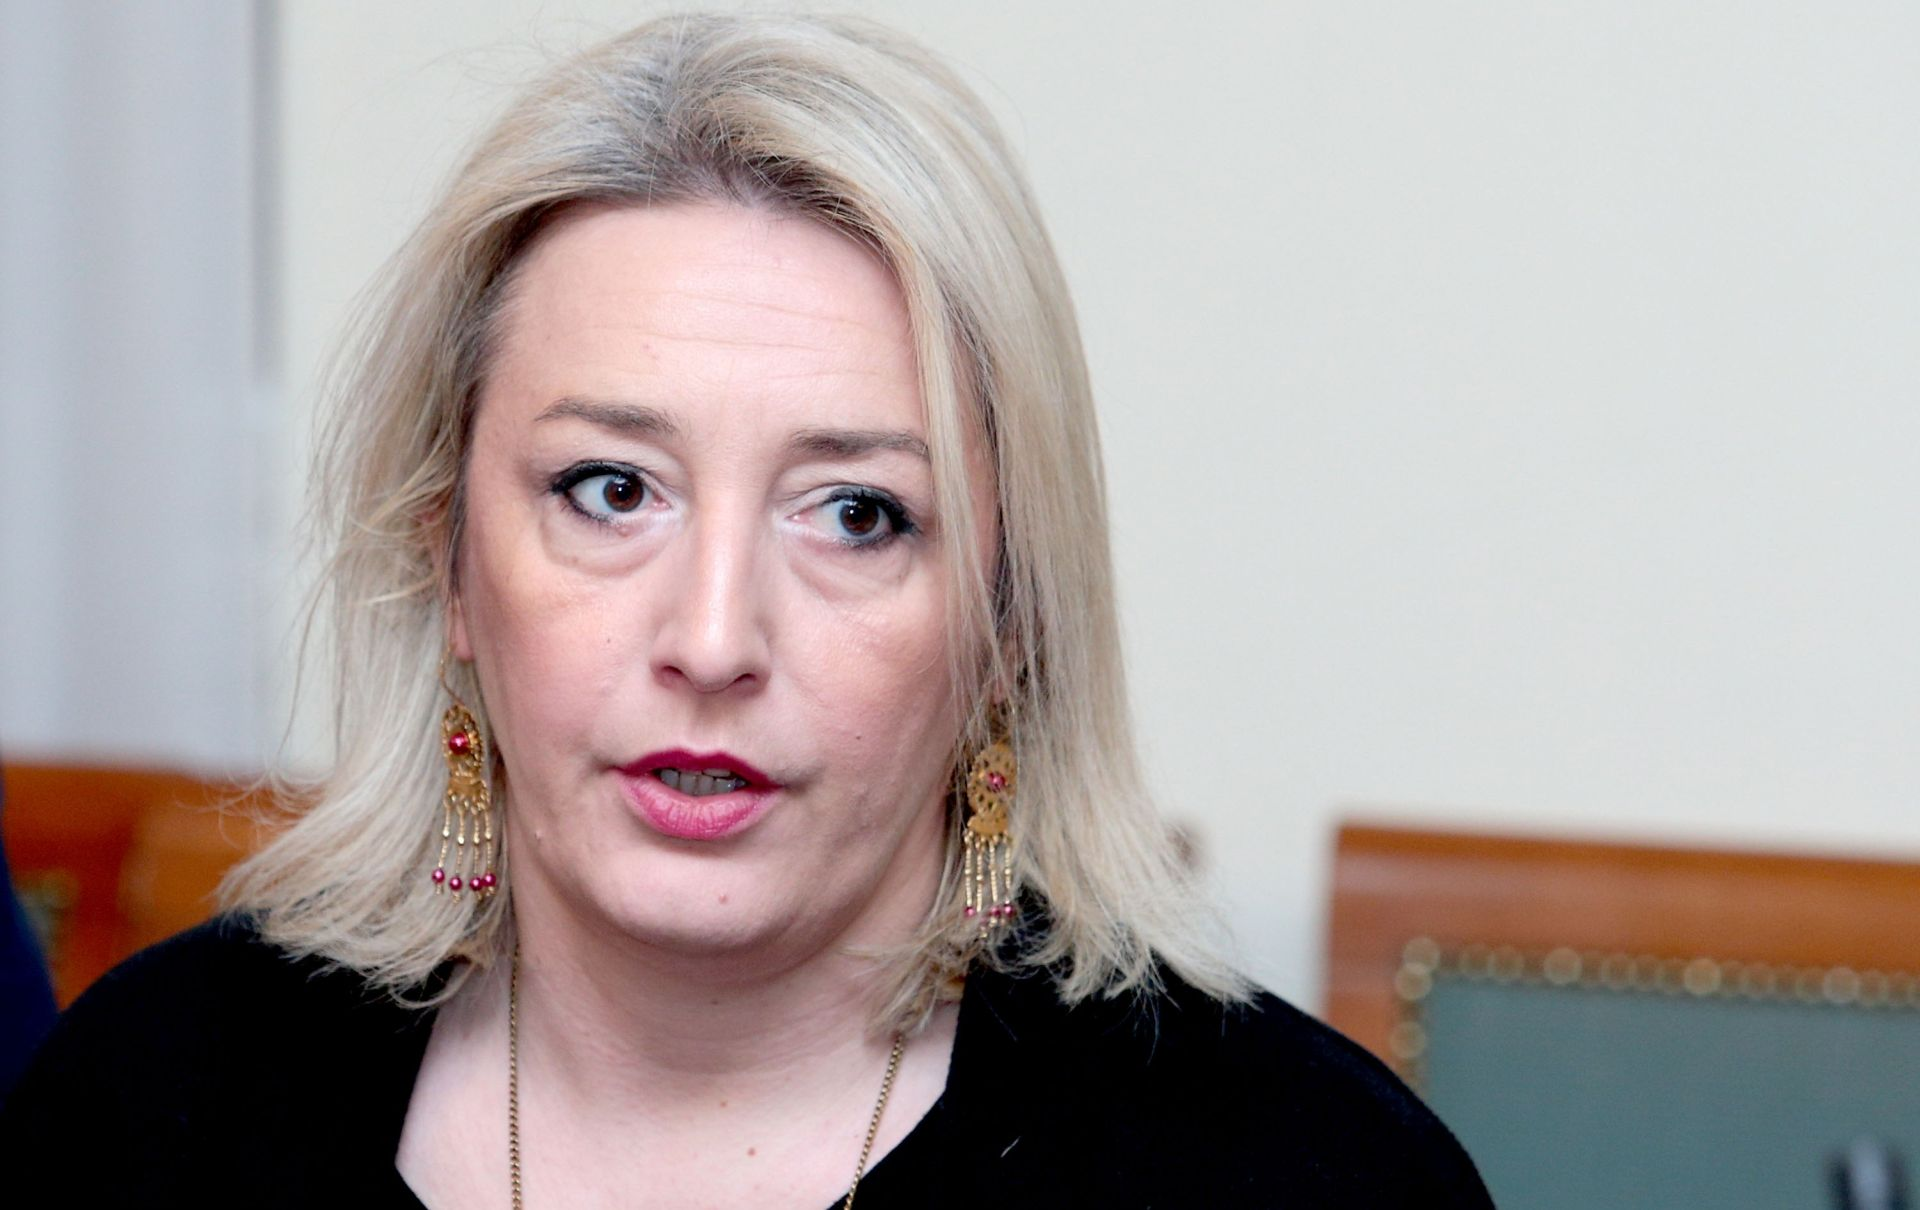 """MILAS KLARIĆ """"Nema govora mržnje, ali prava i interesi Hasanbegovićeve djece su povrijeđena"""""""